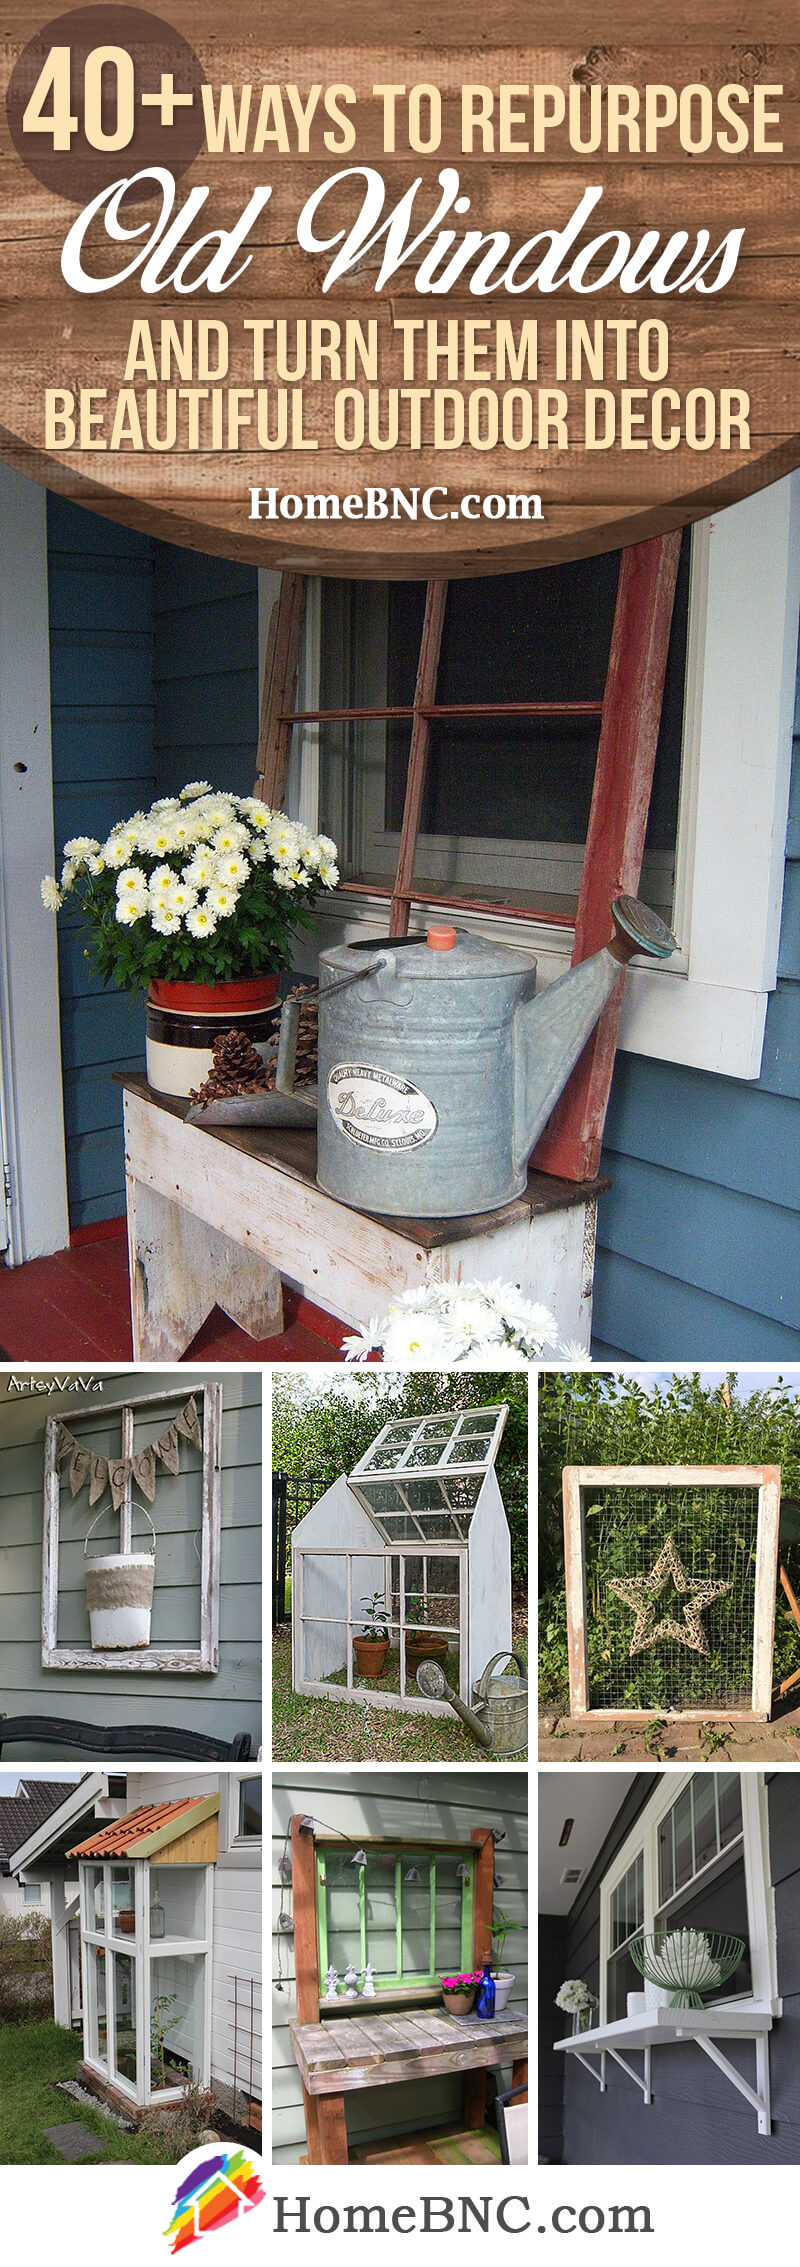 Old Window Outdoor Decor Ideas